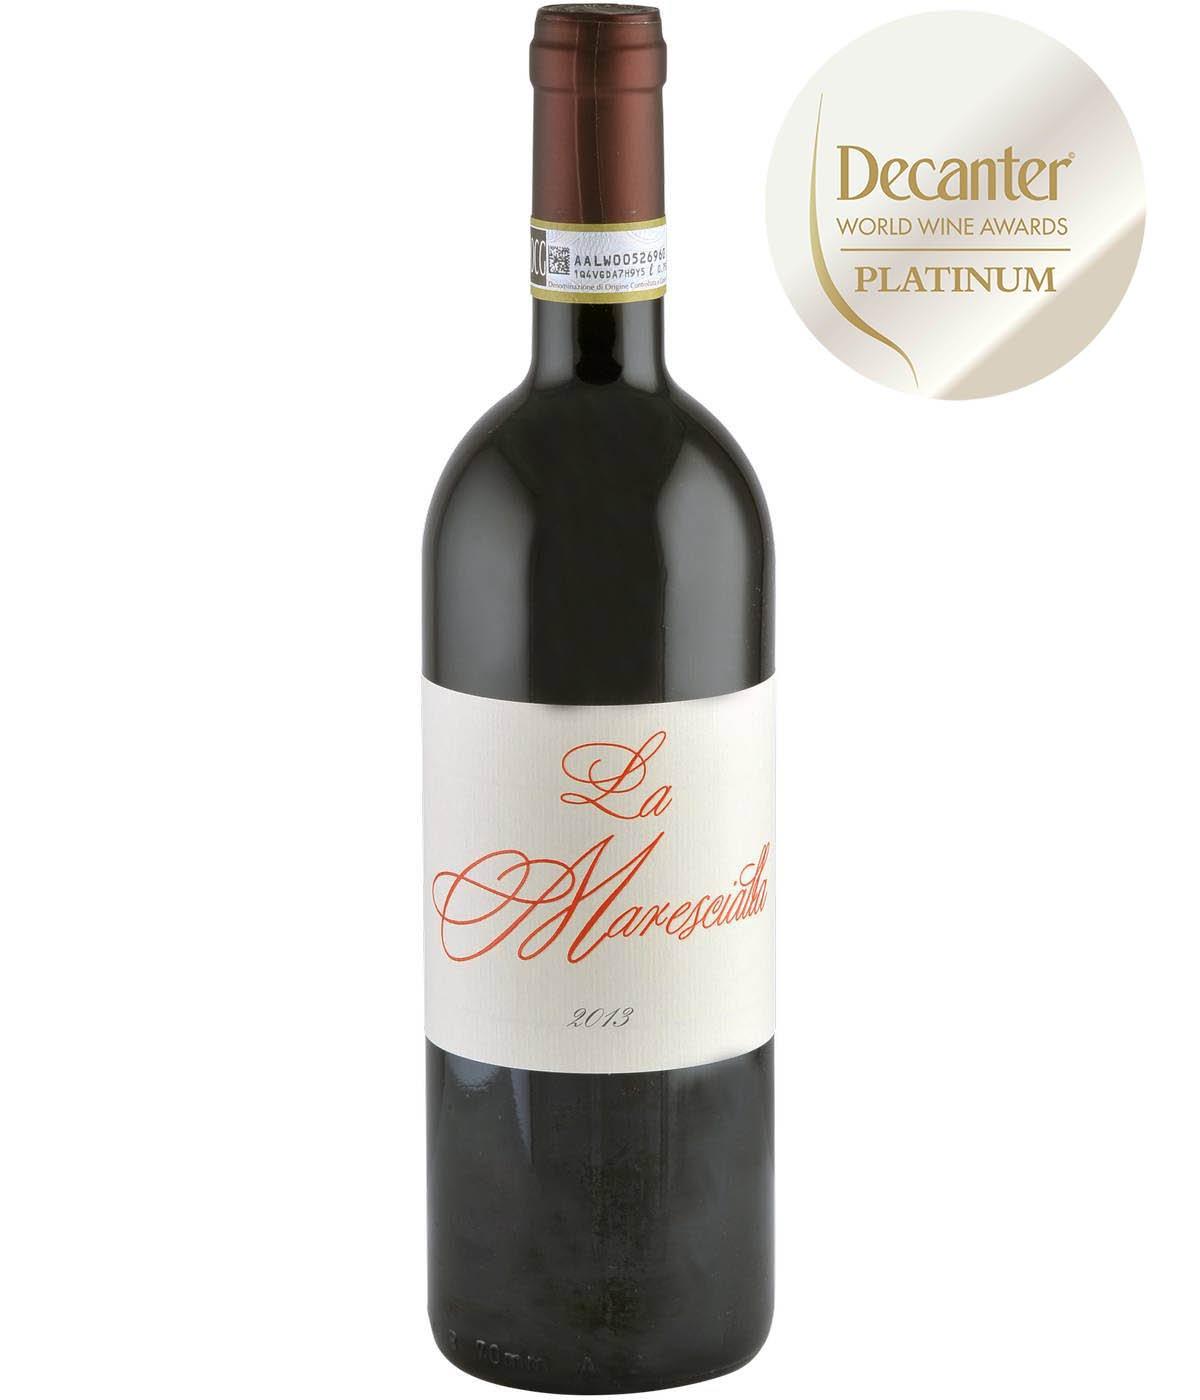 Barbera Dasti Superiore La Marescialla 750 ml Rött Vin